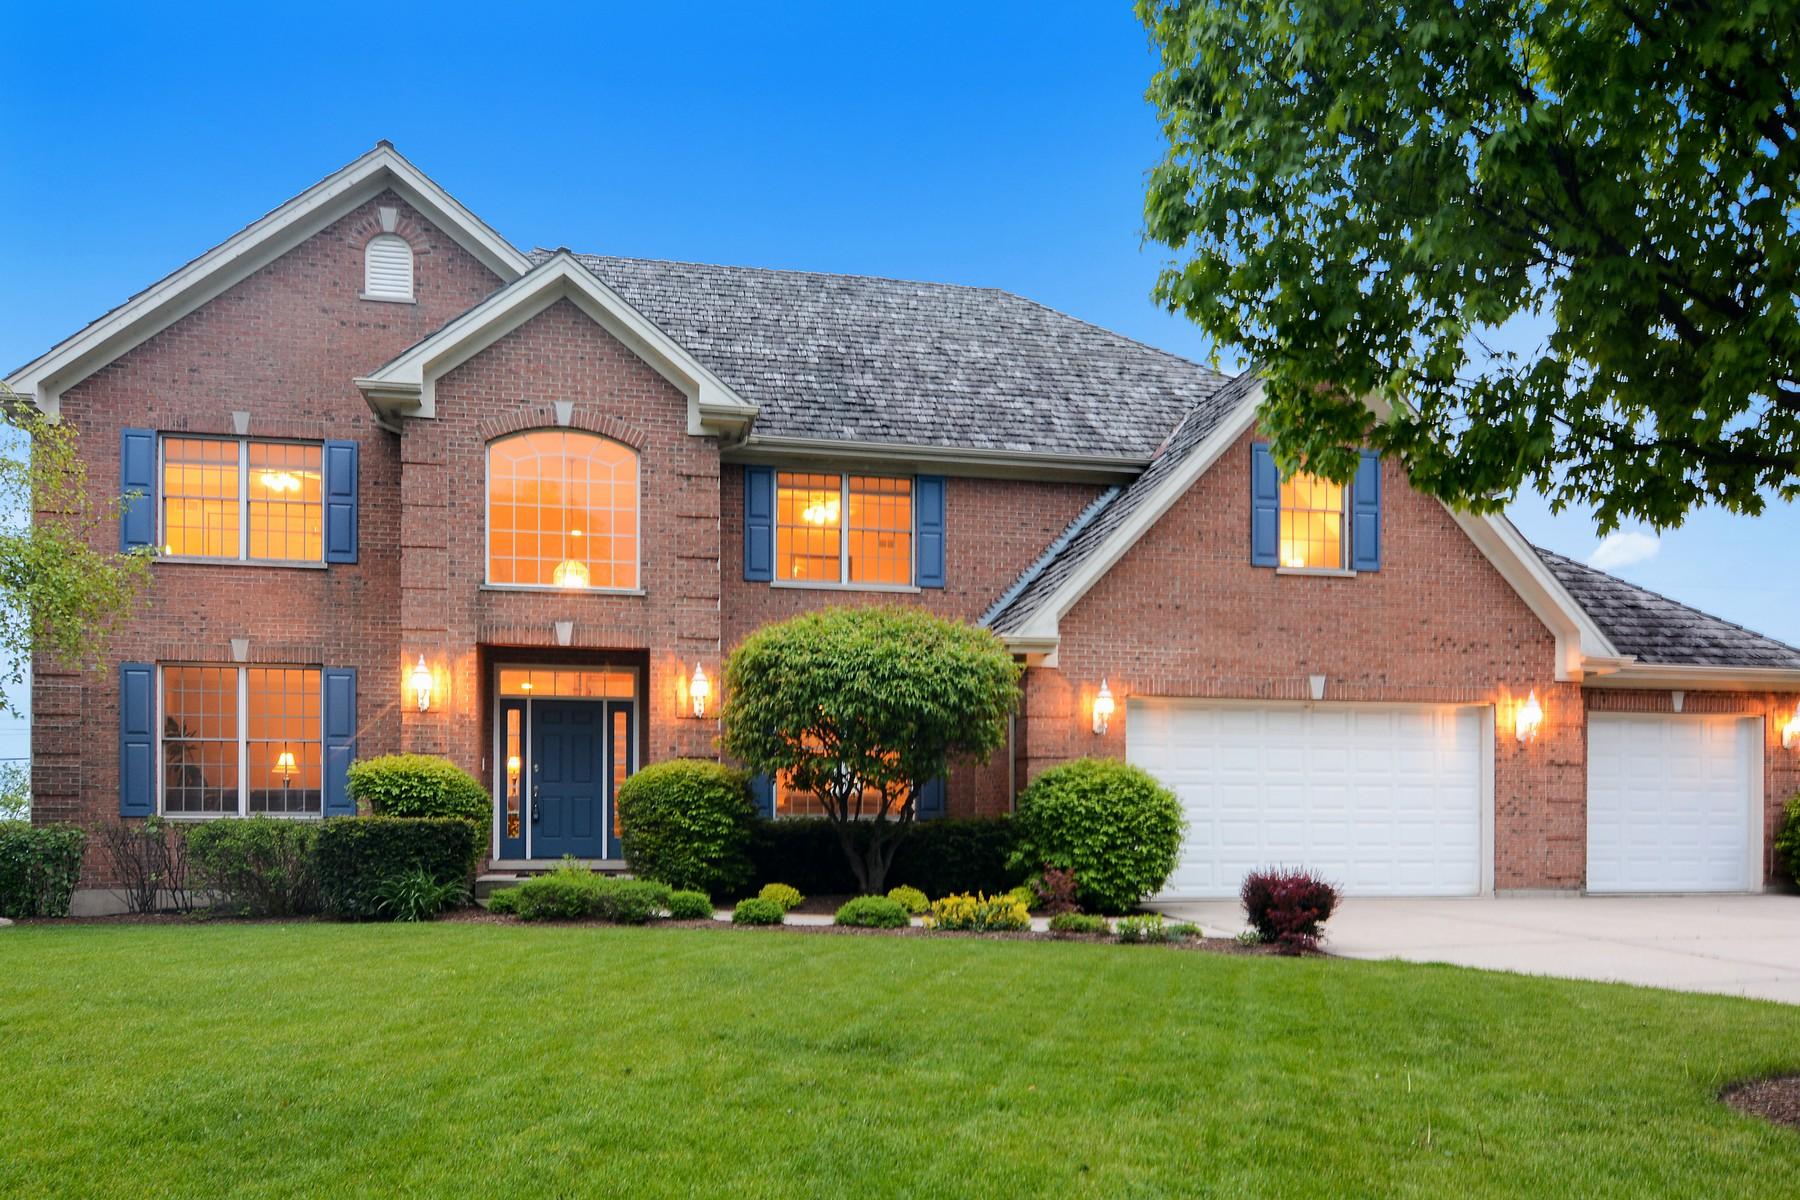 Einfamilienhaus für Verkauf beim Spectacular Home in Prestigious Lakeview of Barrington 1020 Oakland Drive Barrington, Illinois, 60010 Vereinigte Staaten